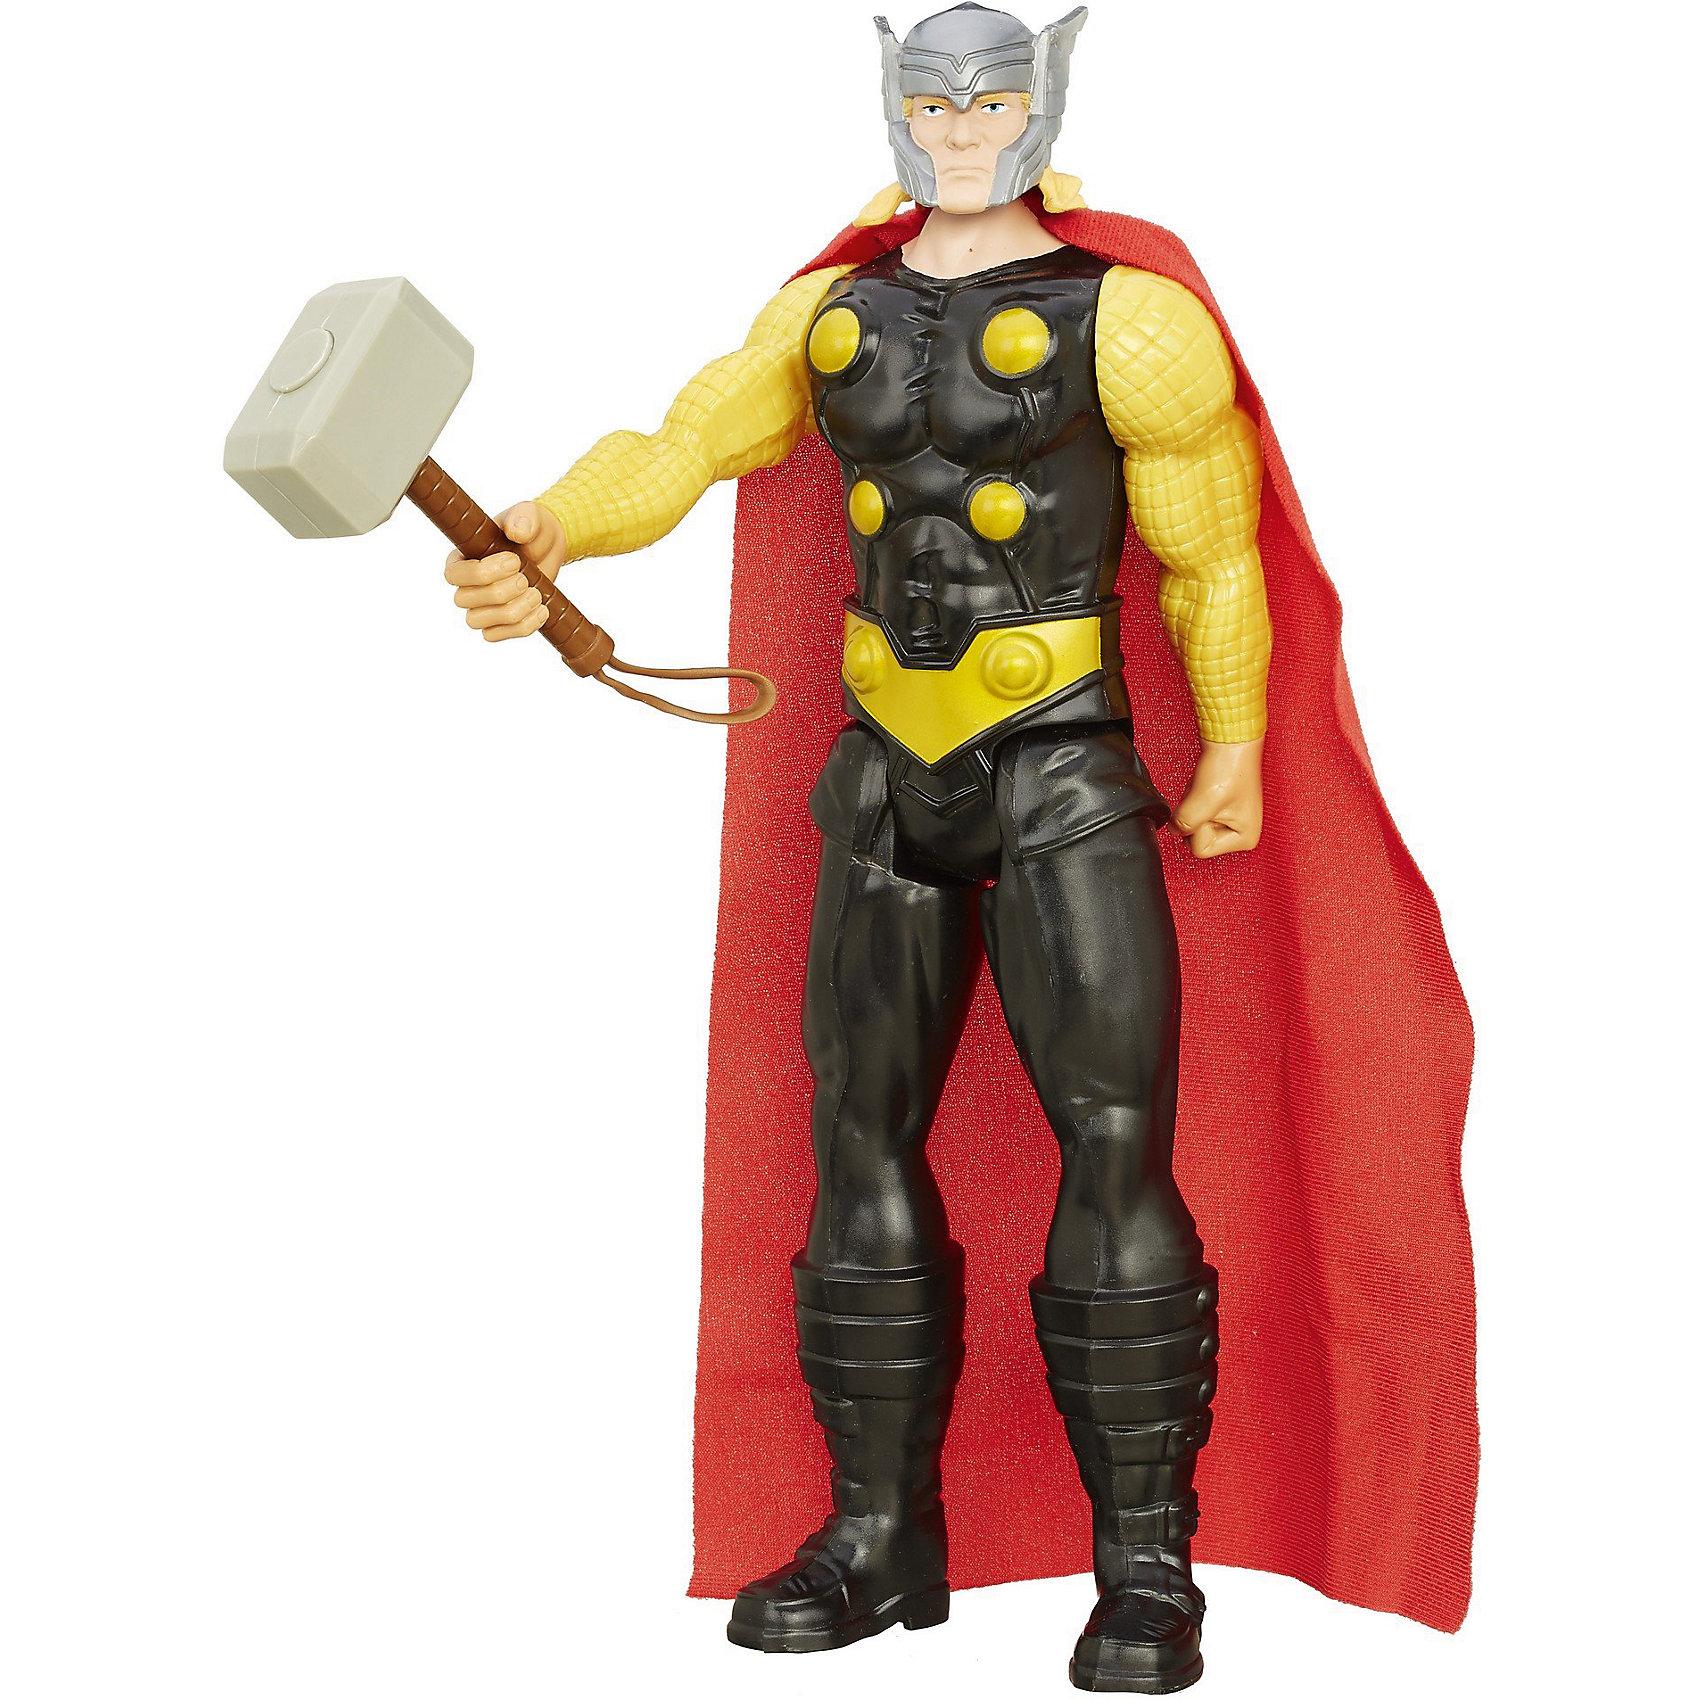 Фигурка Титаны: Тор, МстителиМстители Игрушки и пазлы<br>Фигурка Тора станет приятным сюрпризом для вашего ребенка, особенно если он является поклонником популярных комиксов и фильмов о супергероях Мстители (Avengers). Тор - сын богов Асгарда, Одина и Геи, спустившийся на землю. В руках герой держит Мьёльнир - уникальный молот, который он получил, доказав, что является достойным воином. Фигурка имеет множество точек артикуляции, что позволяет ей приобретать самые реалистичные позы, выполнена из высококачественного пластика, прекрасно детализирована и реалистично раскрашена. Собери все фигурки титанов и погрузись в увлекательную игру вместе с любимыми героями! <br><br>Дополнительная информация: <br><br>- Материал: пластик.<br>- Размер: 30 см.<br>- Голова, руки, ноги подвижные. <br><br>Фигурку Титаны: Тор, Мстители, можно купить в нашем магазине.<br><br>Ширина мм: 306<br>Глубина мм: 104<br>Высота мм: 55<br>Вес г: 258<br>Возраст от месяцев: 48<br>Возраст до месяцев: 96<br>Пол: Мужской<br>Возраст: Детский<br>SKU: 4702914